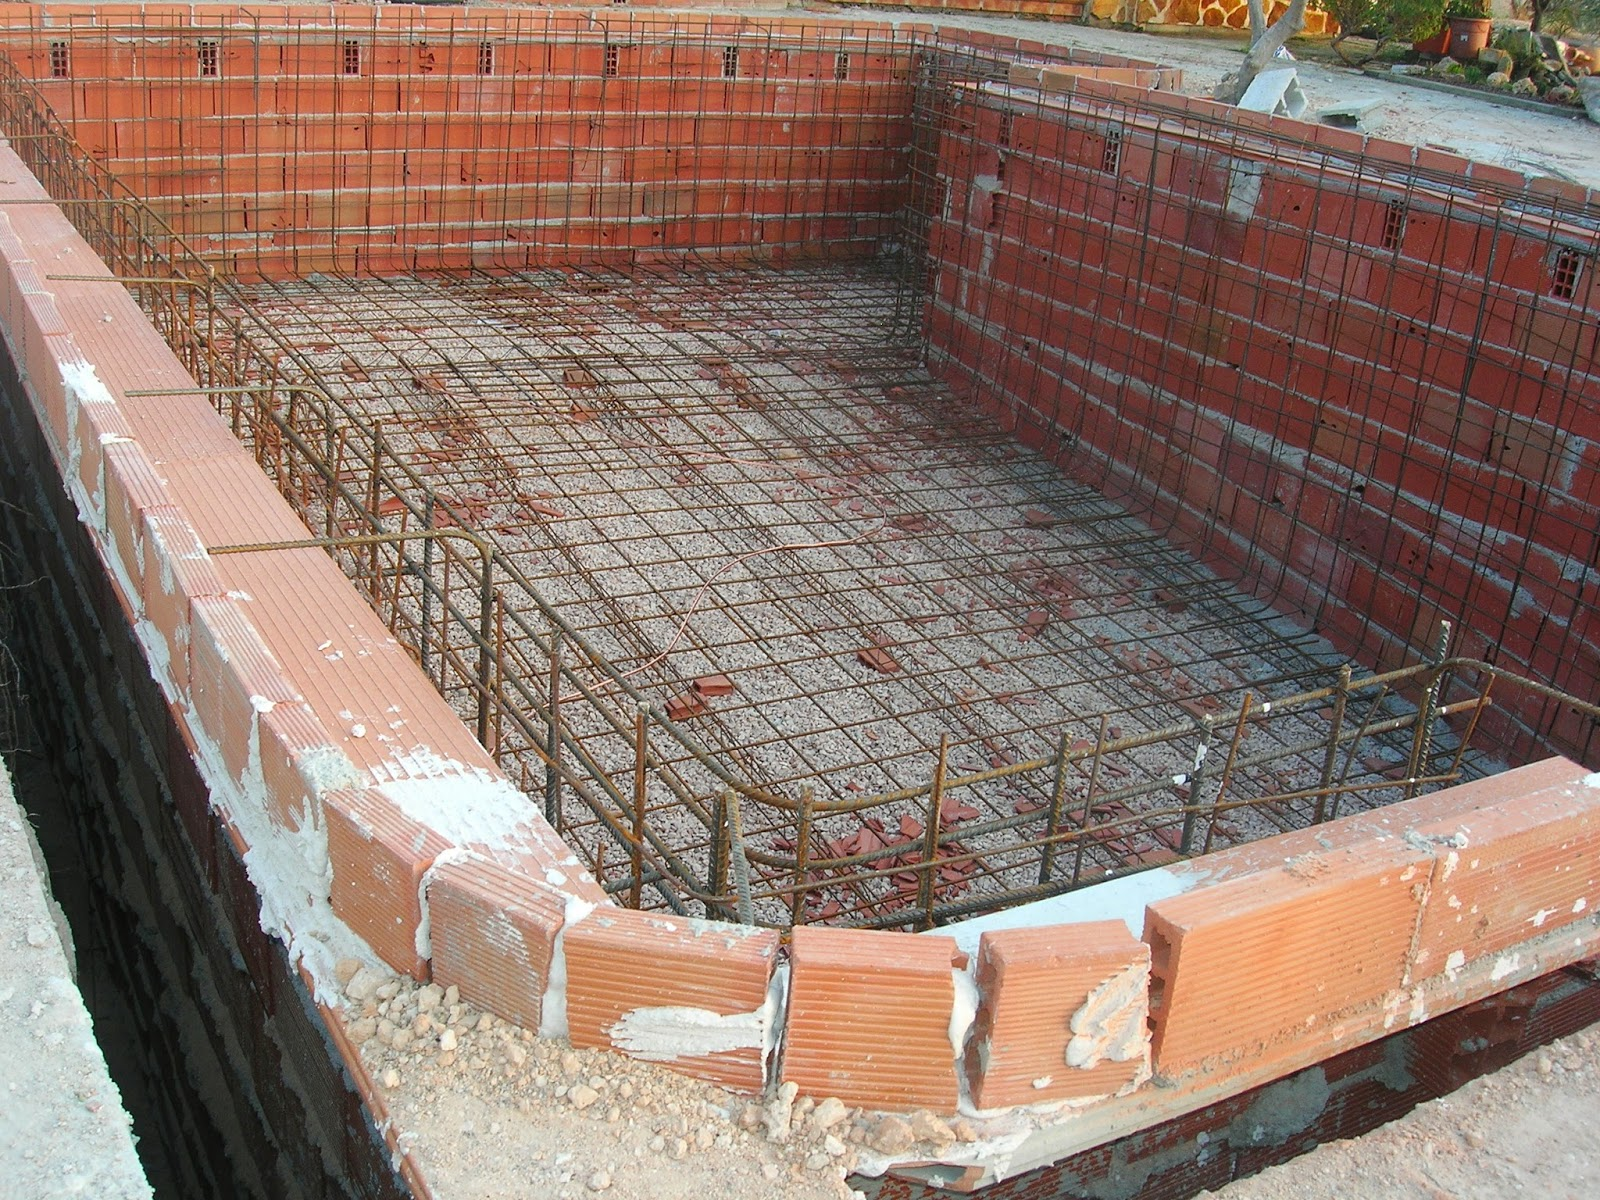 Construide ejecuci n de una piscina proceso y ejemplo for Ladrillos para piletas